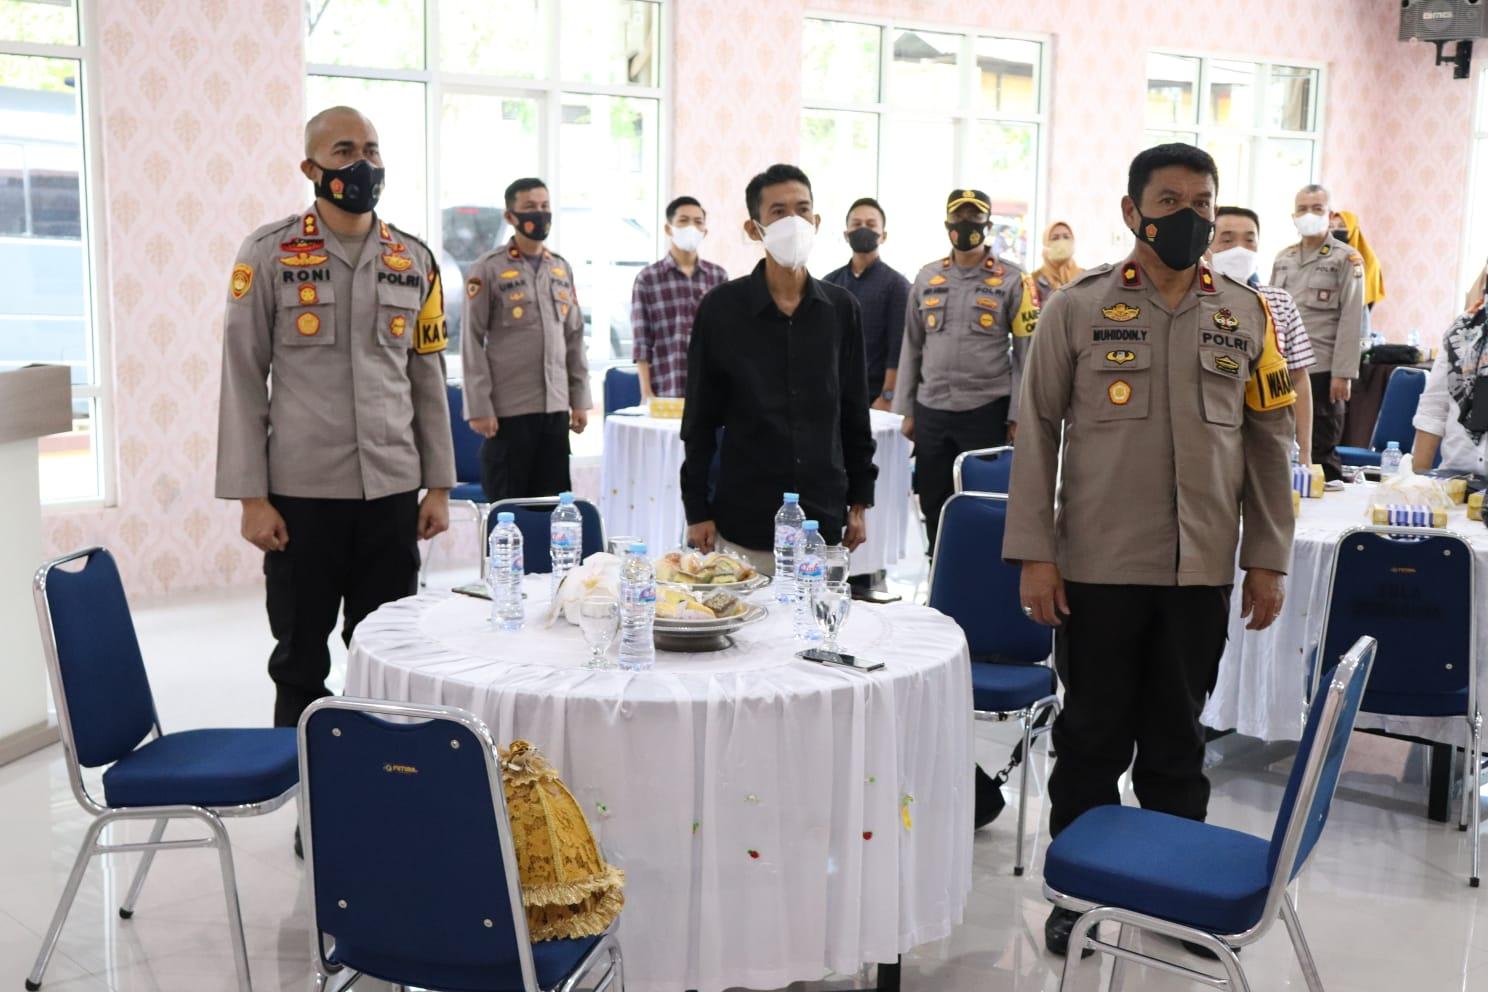 Bertajuk Silaturahmi dan Tatap Muka, Kapolres Soppeng Bersama Pengurus Persaudaraan UMKM Bahas Pencegahan Virus Corona